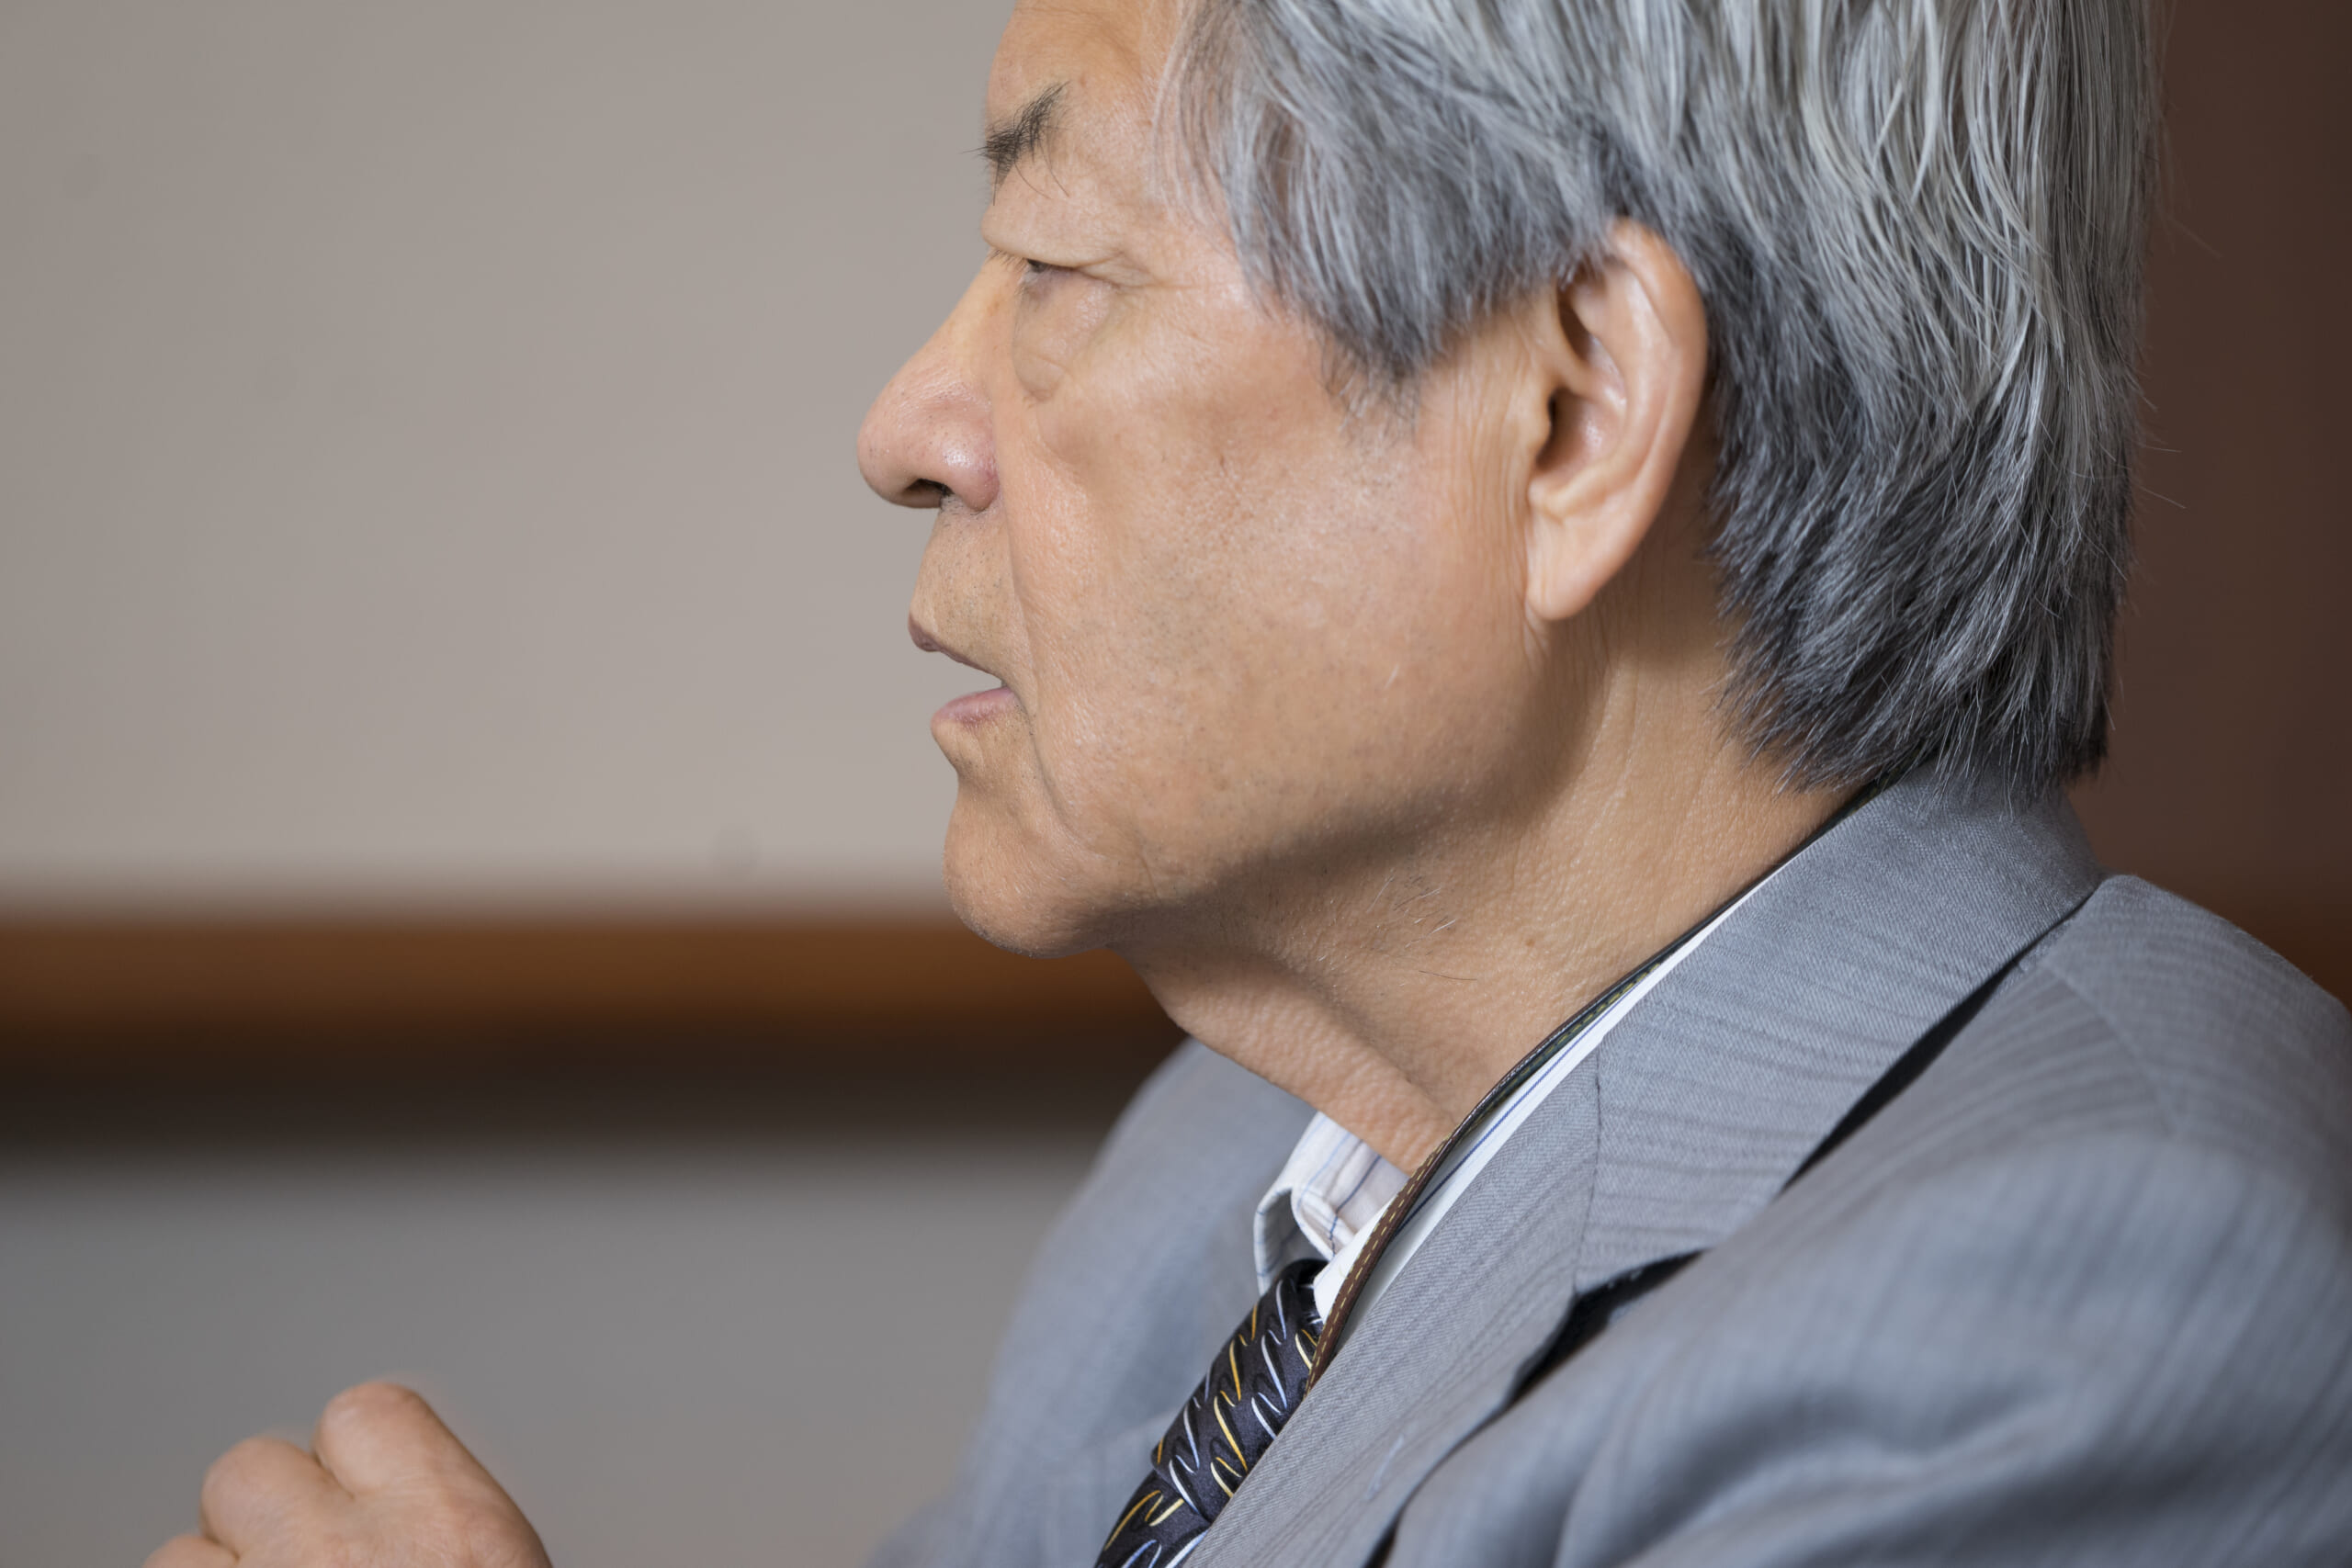 田原総一朗 「田中角栄氏は実に33本もの議員立法を成立させている。これは前代未聞で、史上最多なんです」<br />